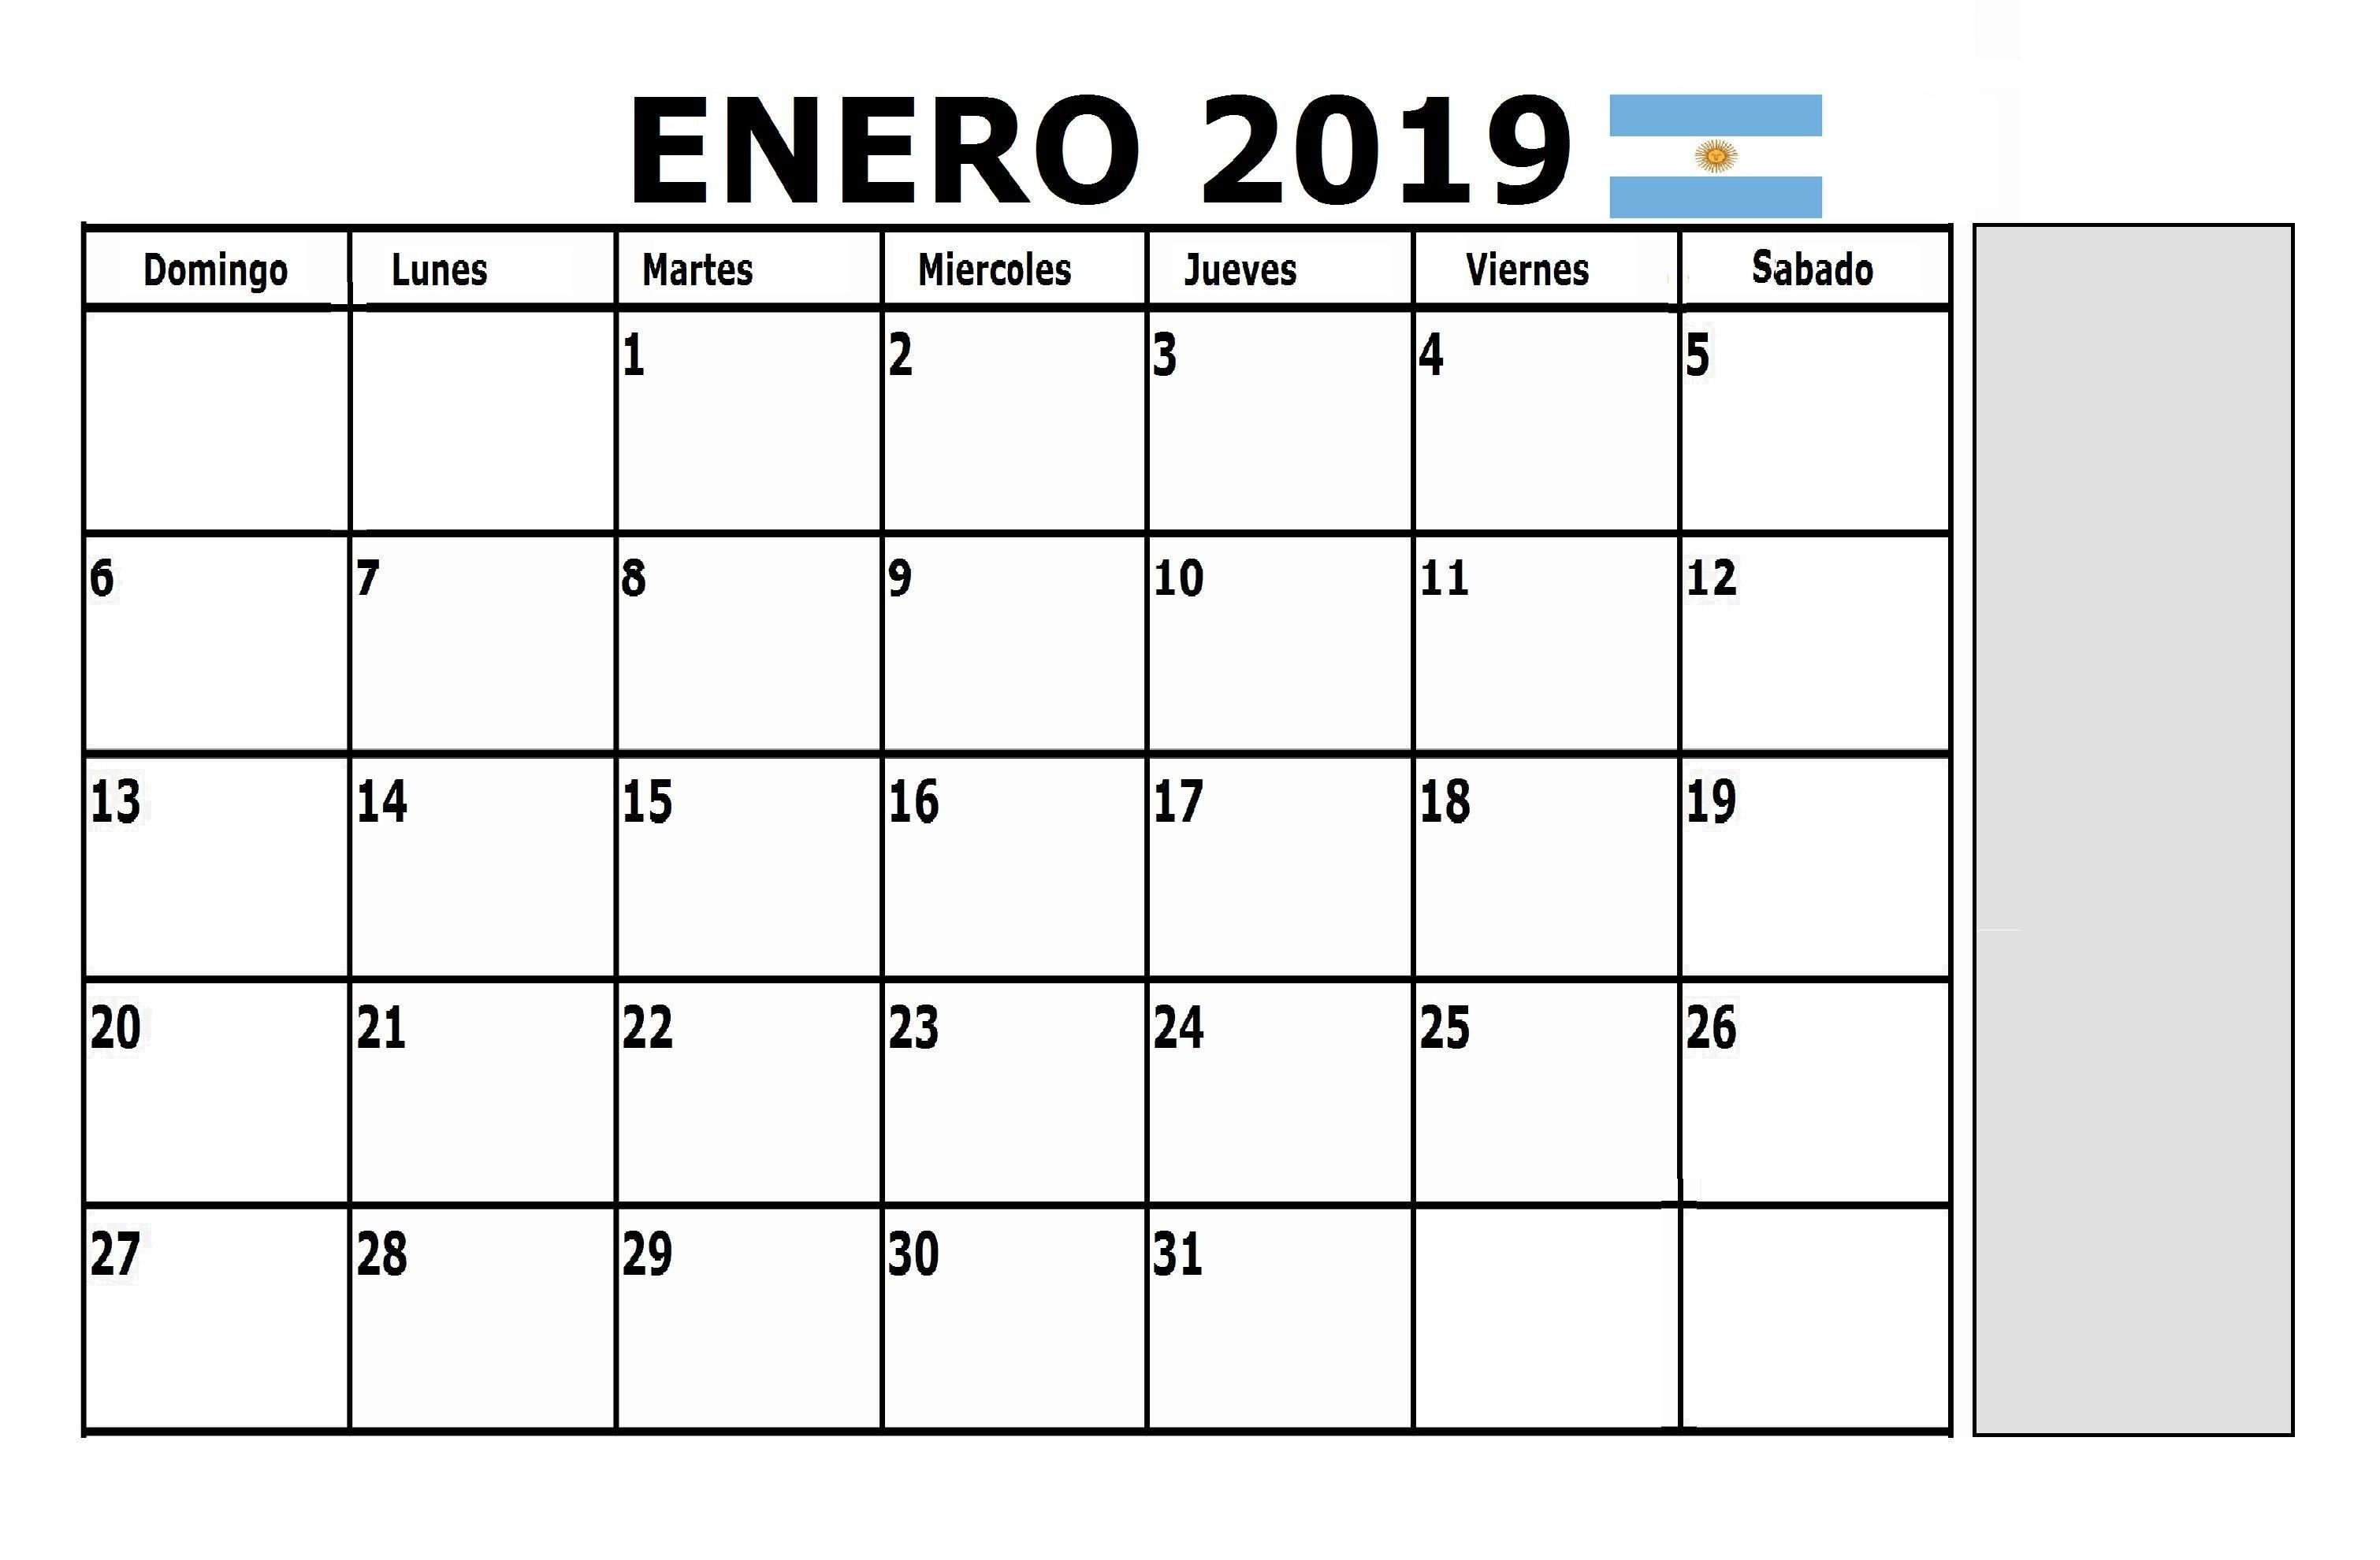 Imprimir Calendario 2019 Peru Mejores Y Más Novedosos Calendario Enero 2019 Argentina Of Imprimir Calendario 2019 Peru Actual Indywatch Feed All Munity